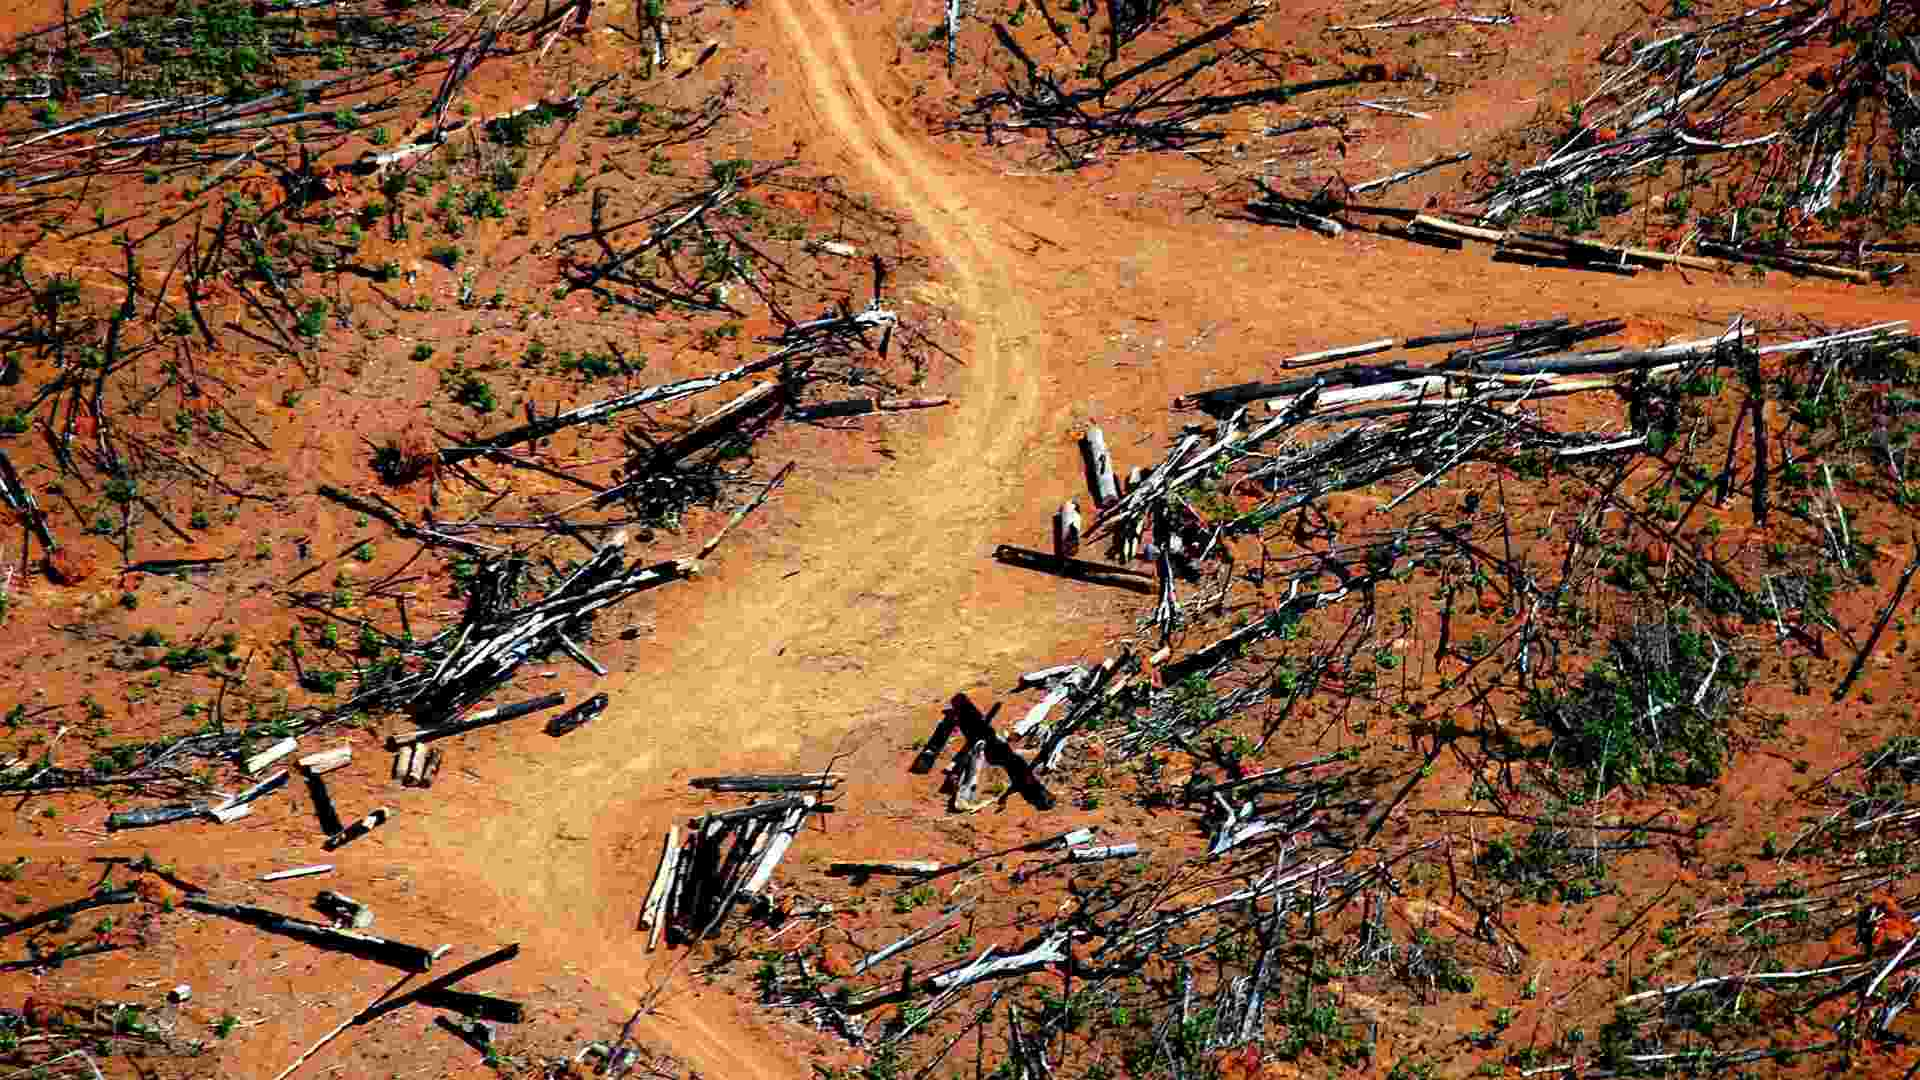 jun.2005 - Vista aérea de área de preservação permanente com enorme parte desmatada em Nova Ubiratã, região médio-norte de Mato Grosso - Fernando Donasci/Folhapress